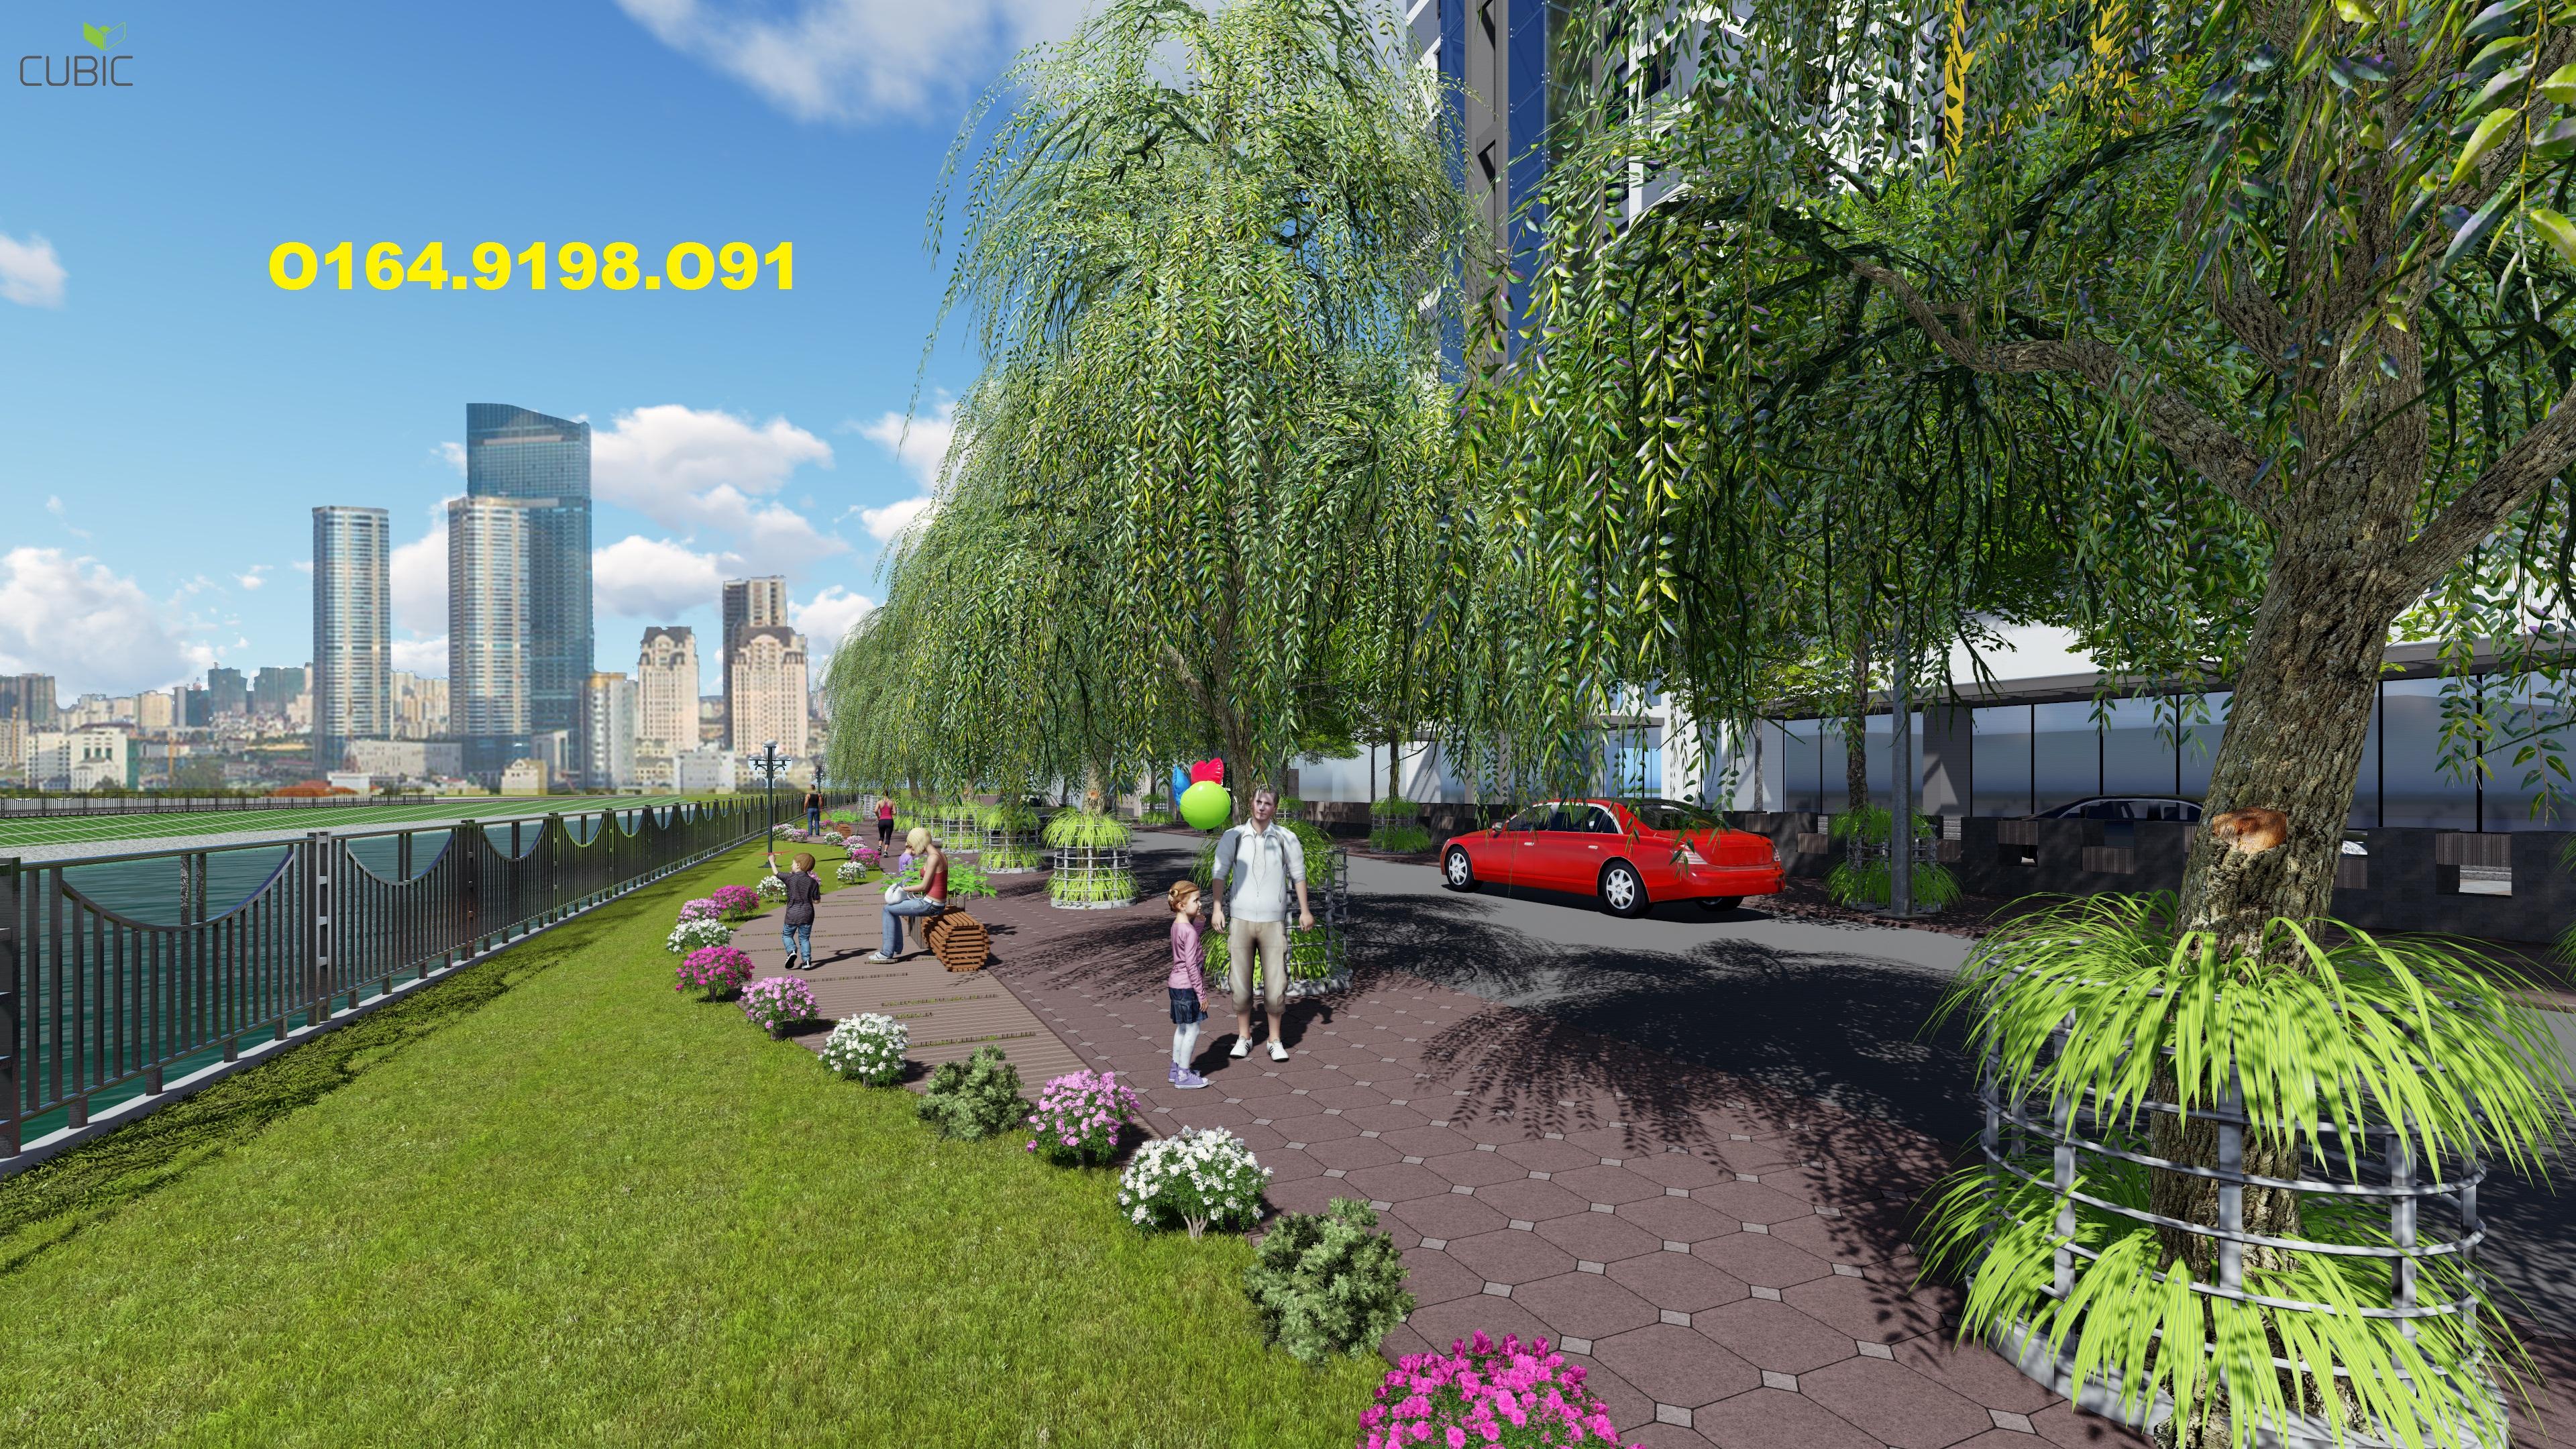 Cay-xanh-o-chung-cu-xanh-349-vu-tong-phan-riverside-garden